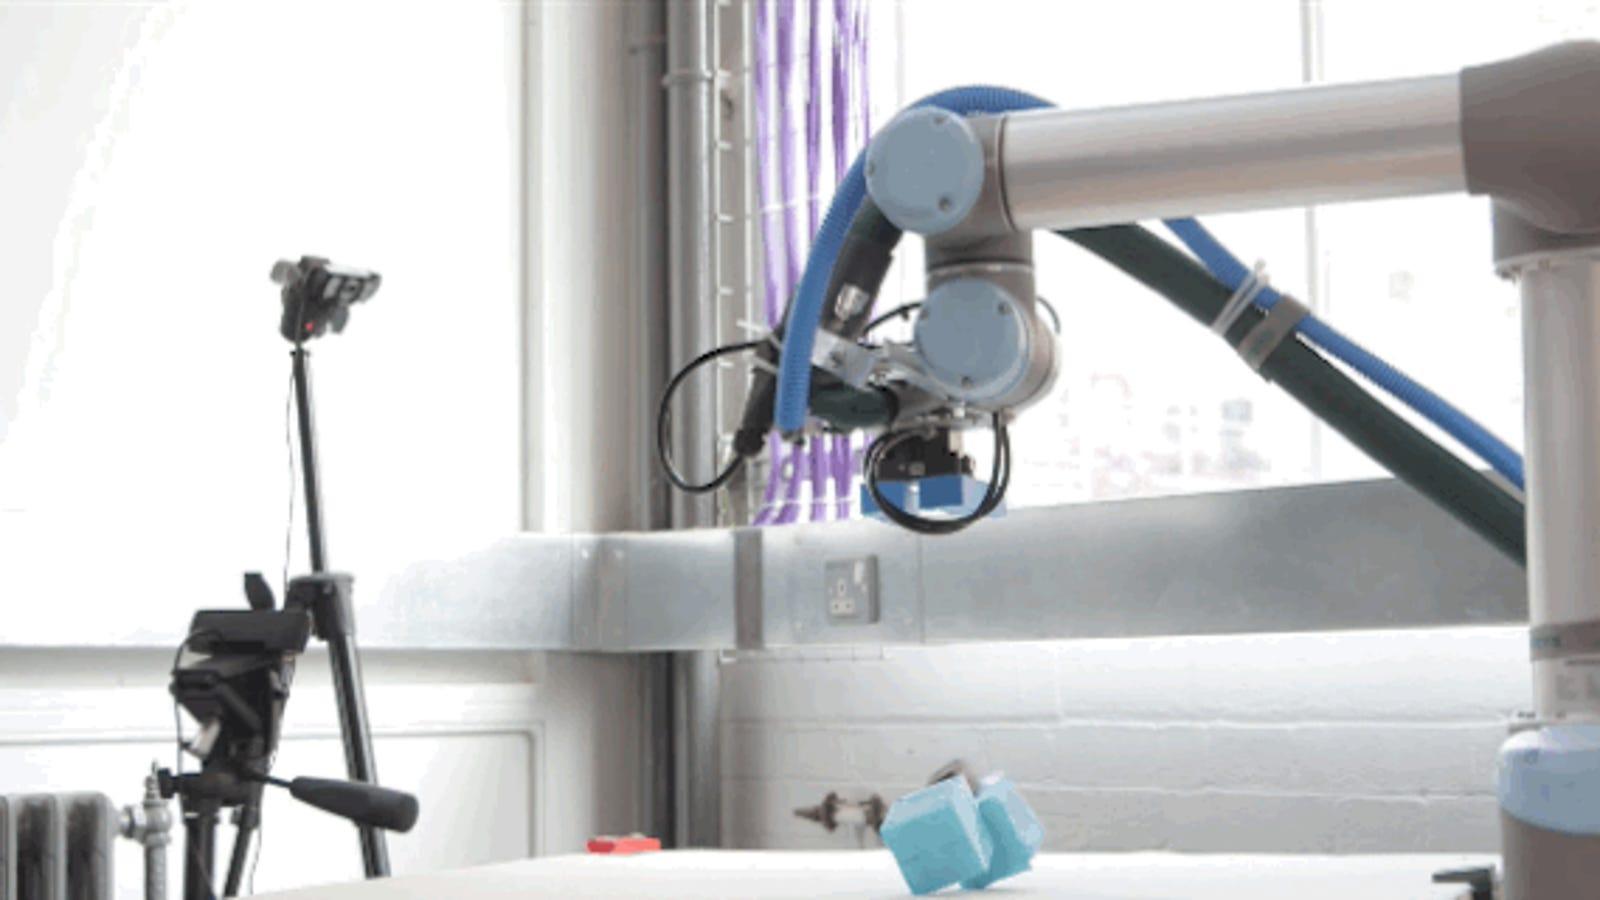 Crean un robot capaz de fabricar, probar y mejorar otros robots por sí solo